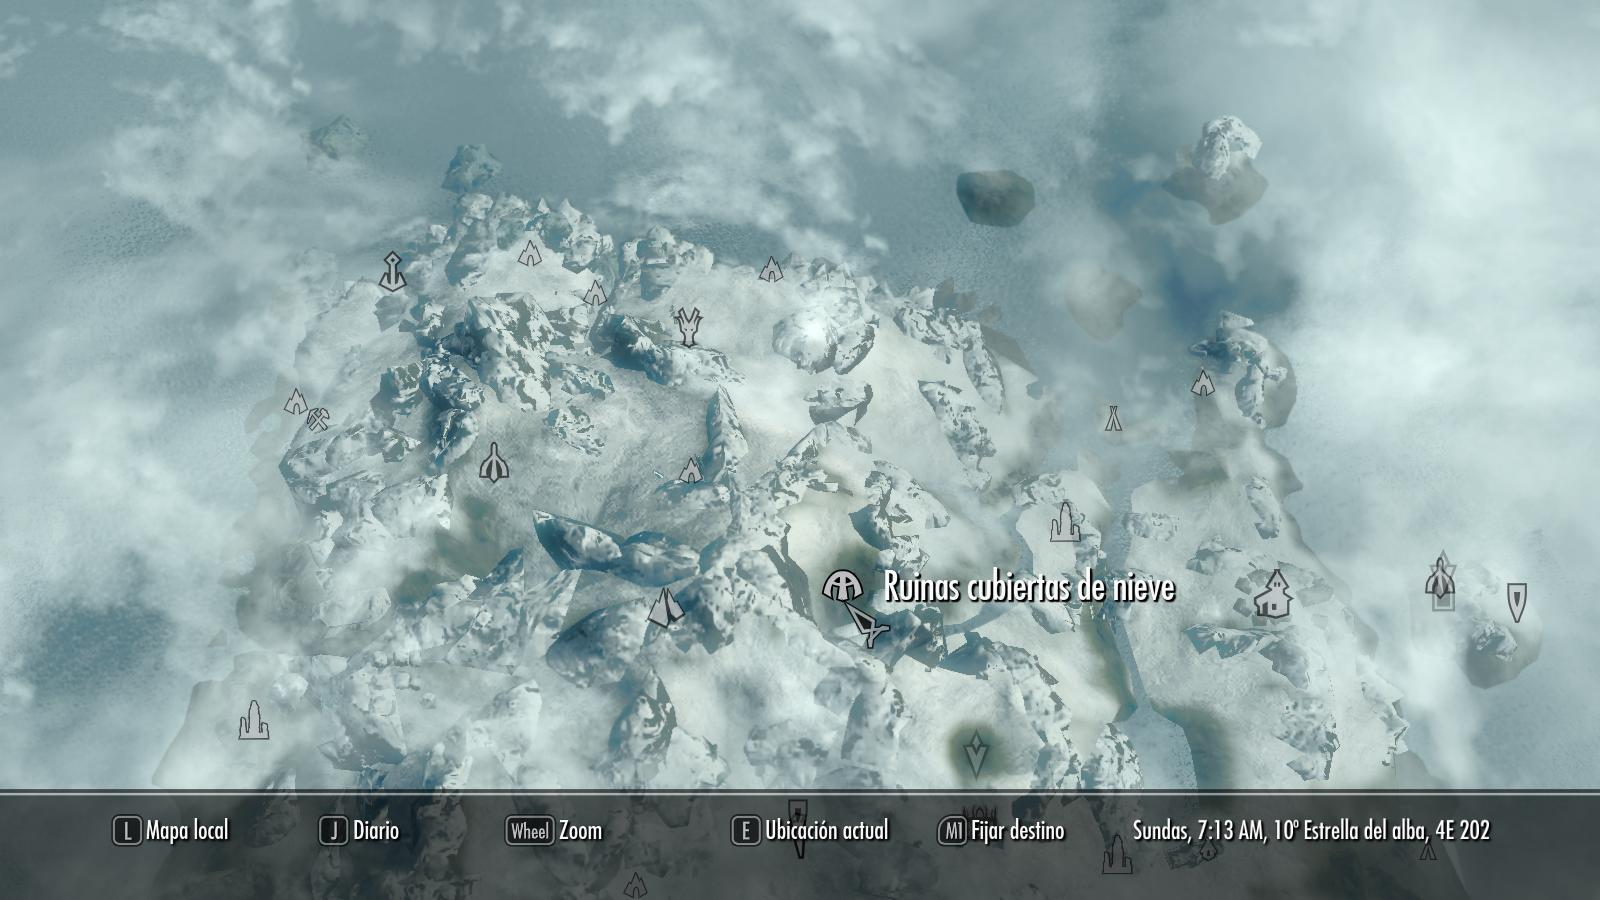 Ruinas cubiertas de nieve